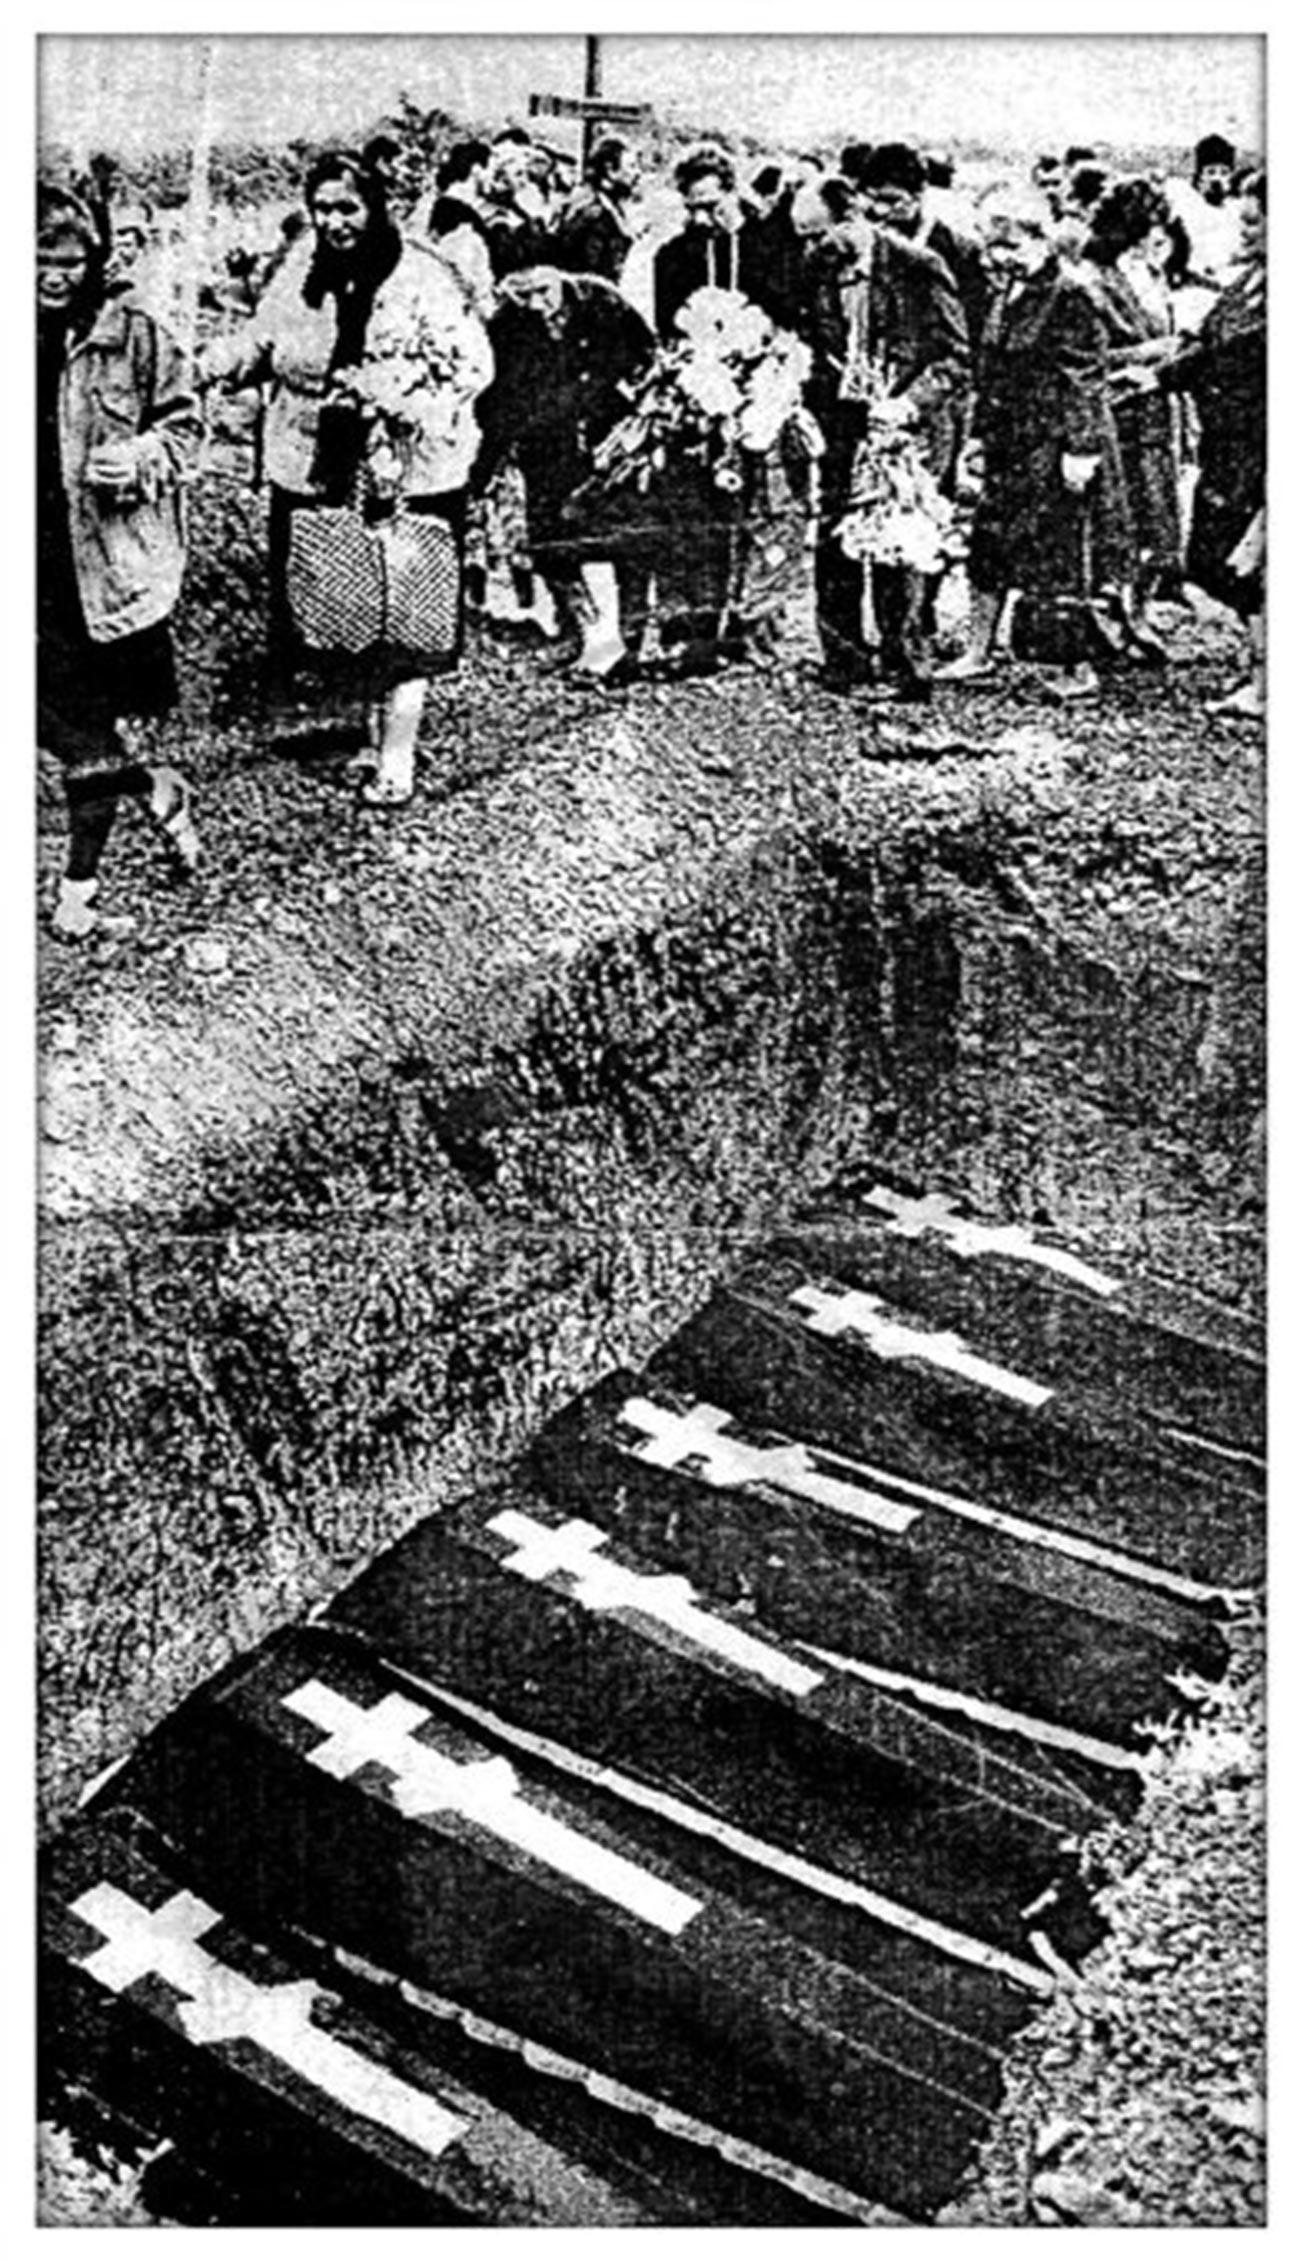 Penguburan kembali korban pembantaian 1962 secara simbolis di kuburan di Novocherkassk, 1994.